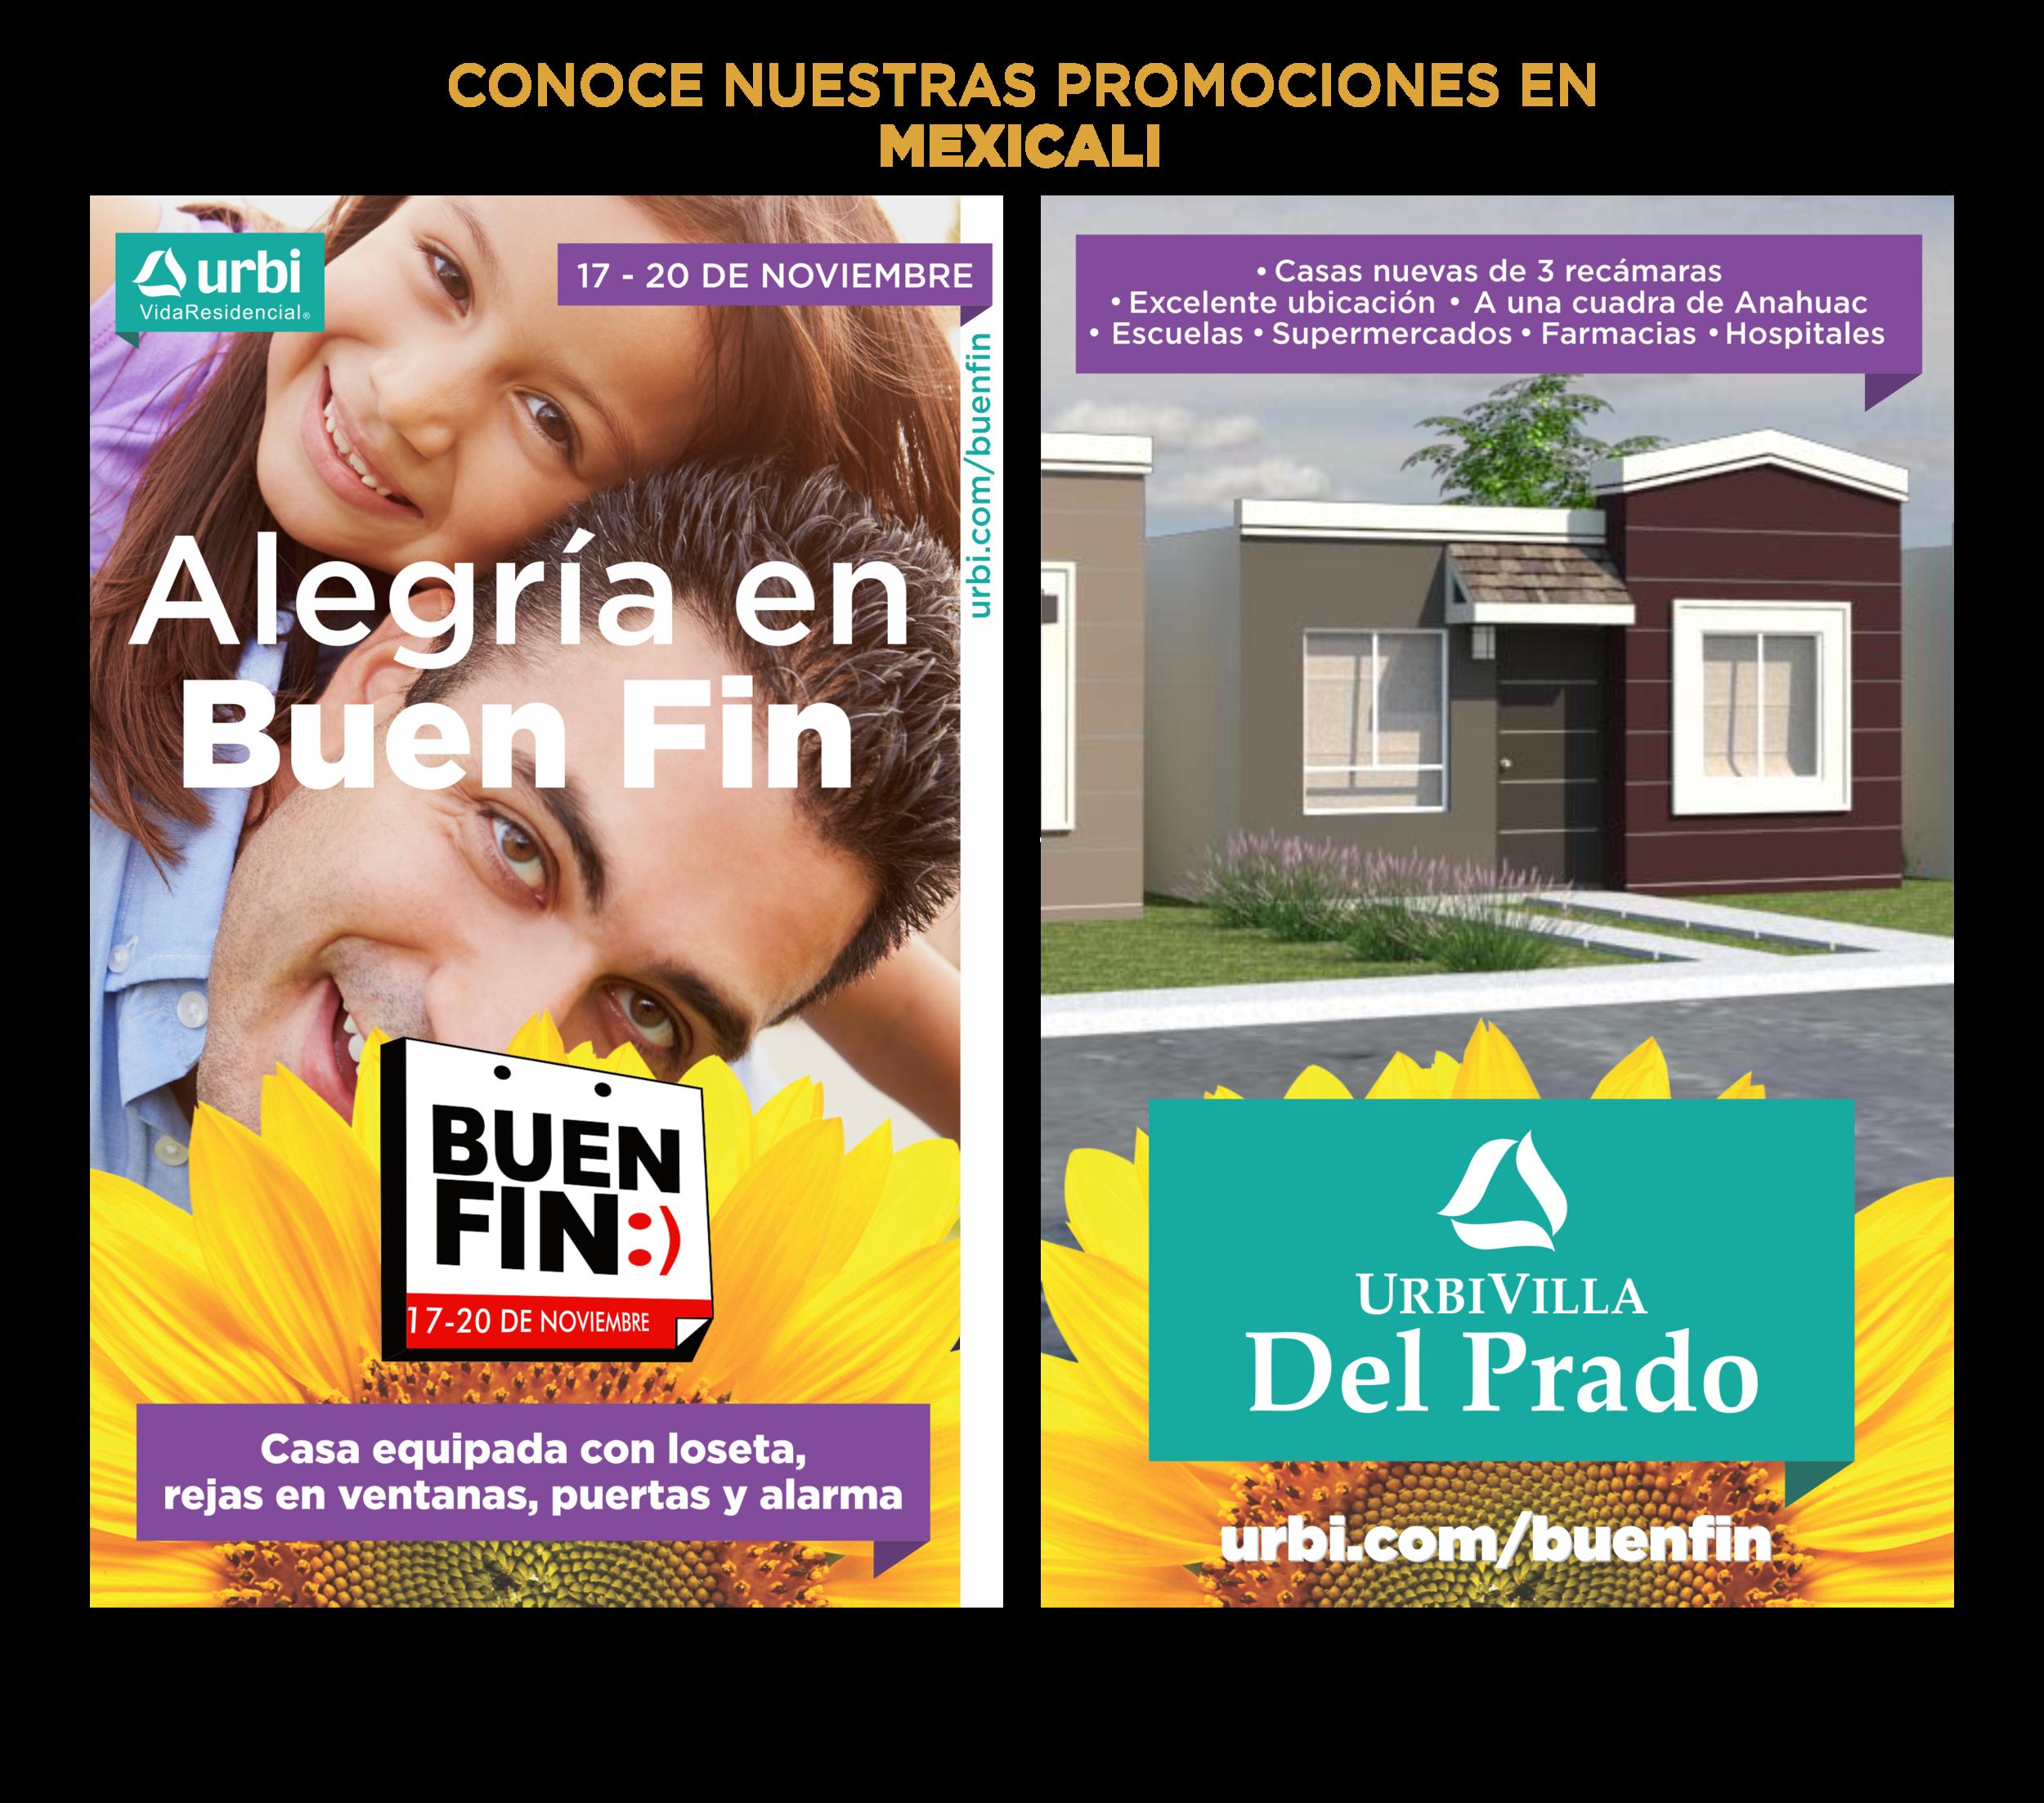 Mas Informes de Mexicali Envianos un whatsapp a MaryCarmen Ayala (686) 113 7372